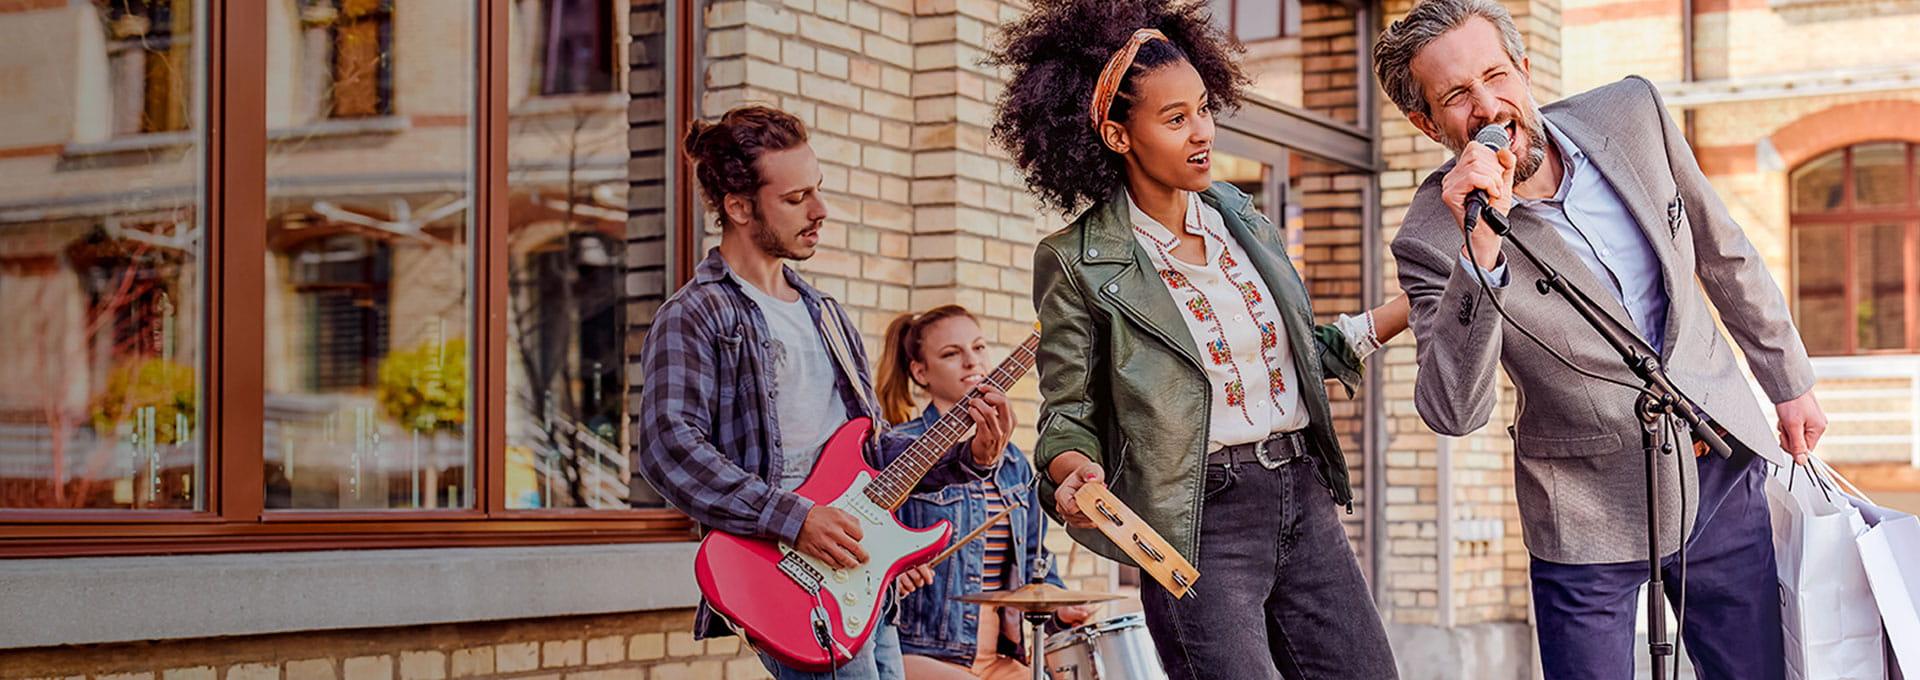 Bernafon Leox Super Power   Ultra Power kulak arkası işitme cihazları kullanan bir adam spontane bir şekilde sokak sanatçıları ile şarkı söylüyor.